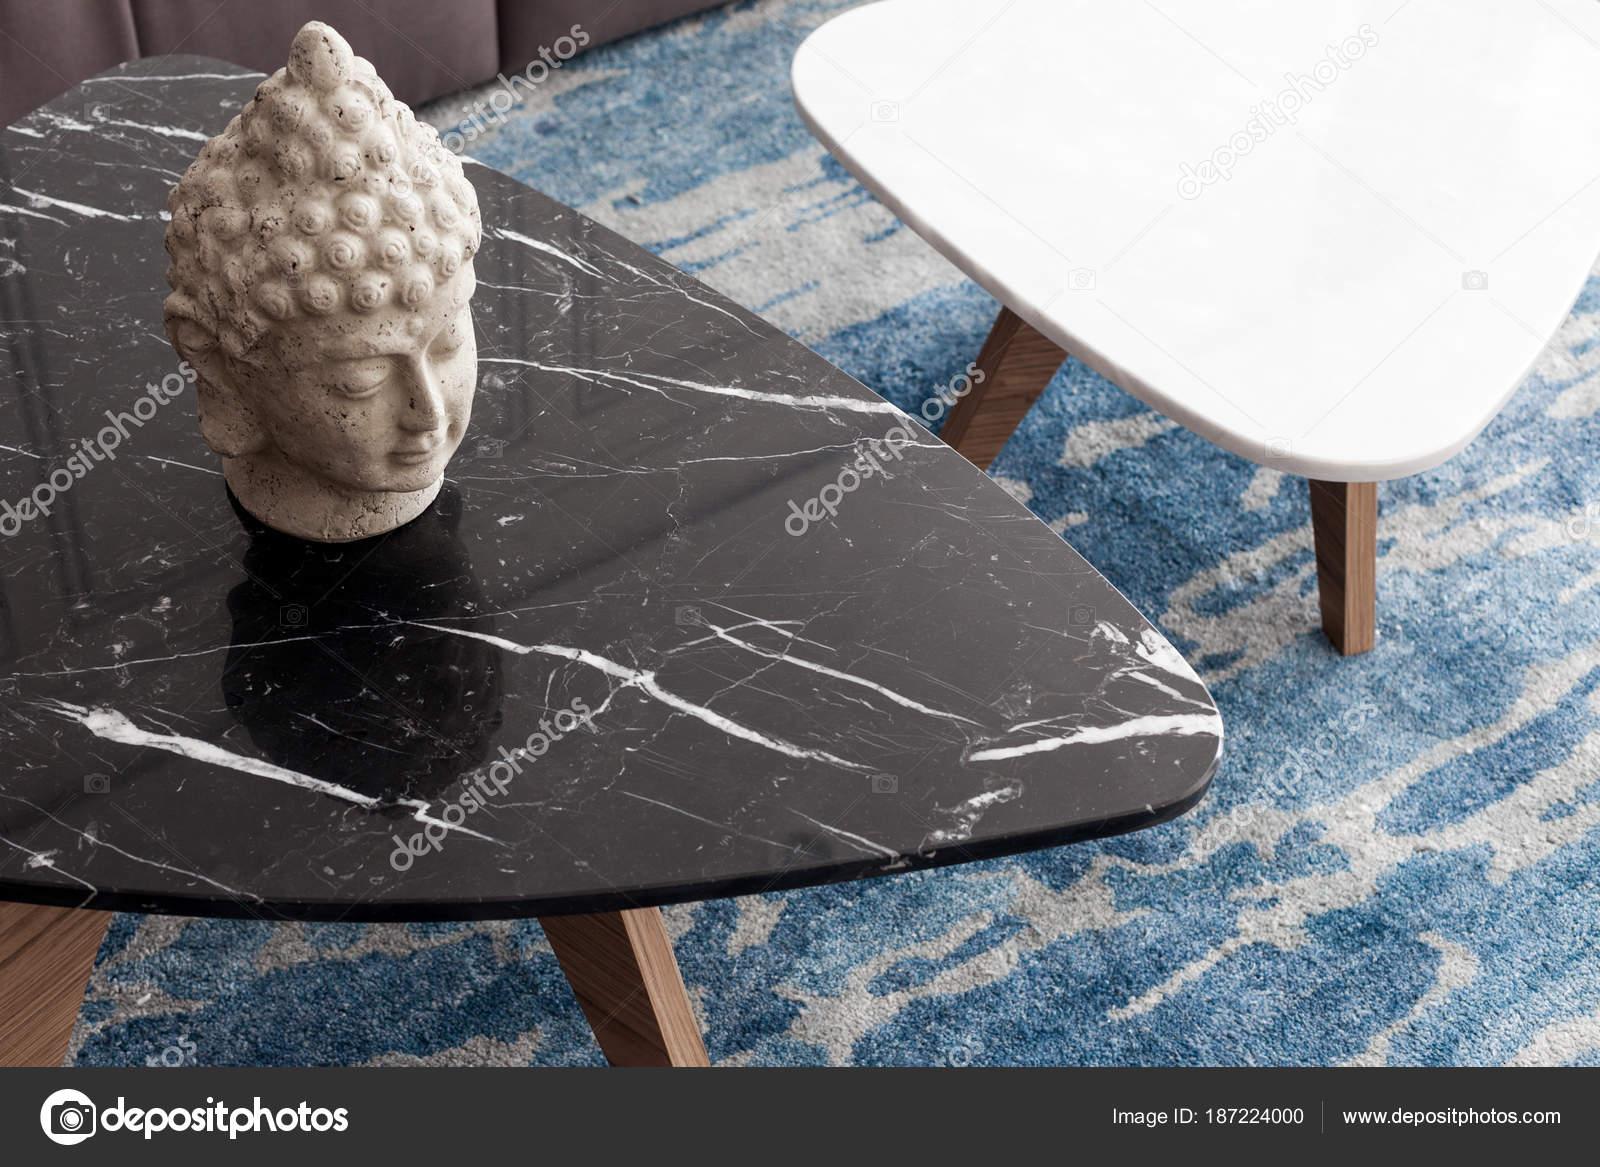 Sgabello moderno due fatto basamenti pietra artificiale bianchi